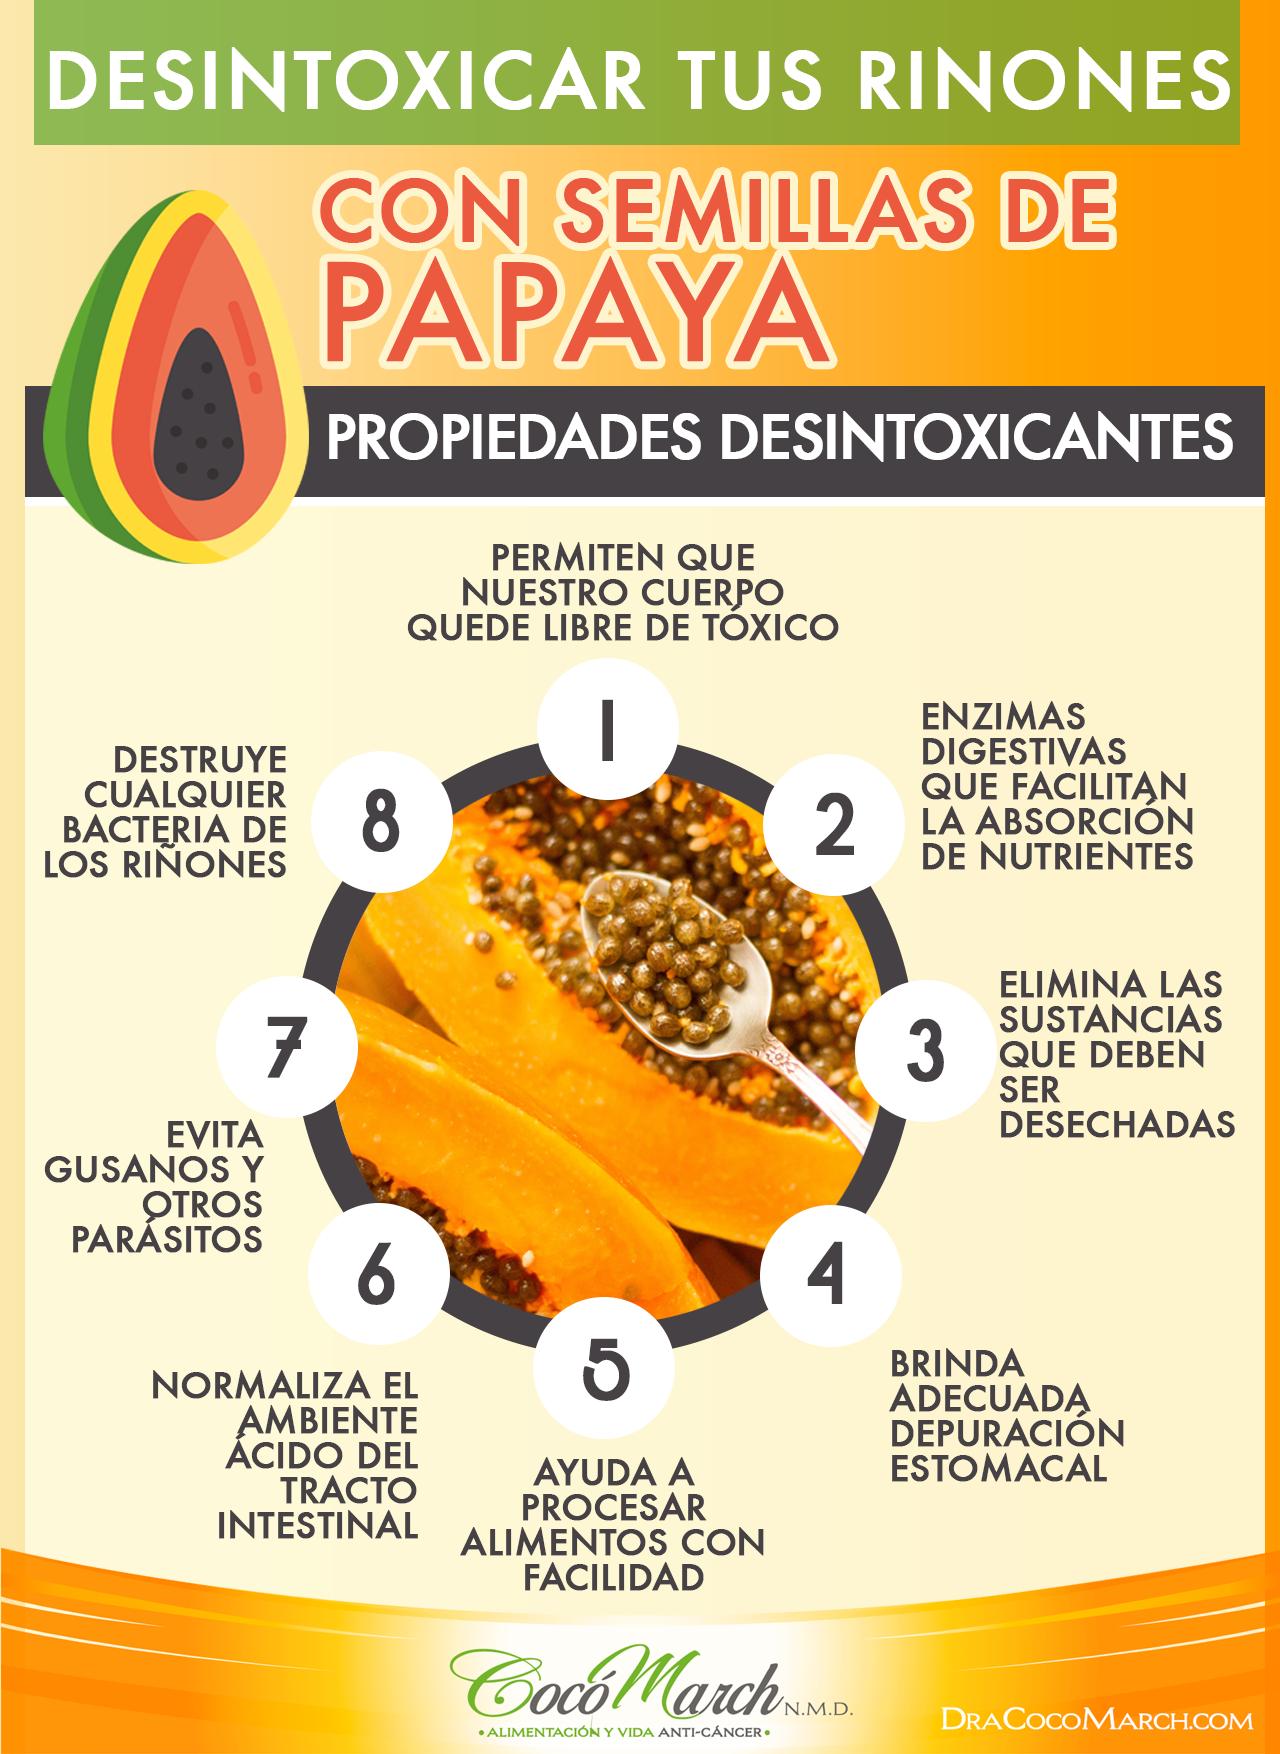 desintoxicar-los-riñones-con-semillas-de-papaya